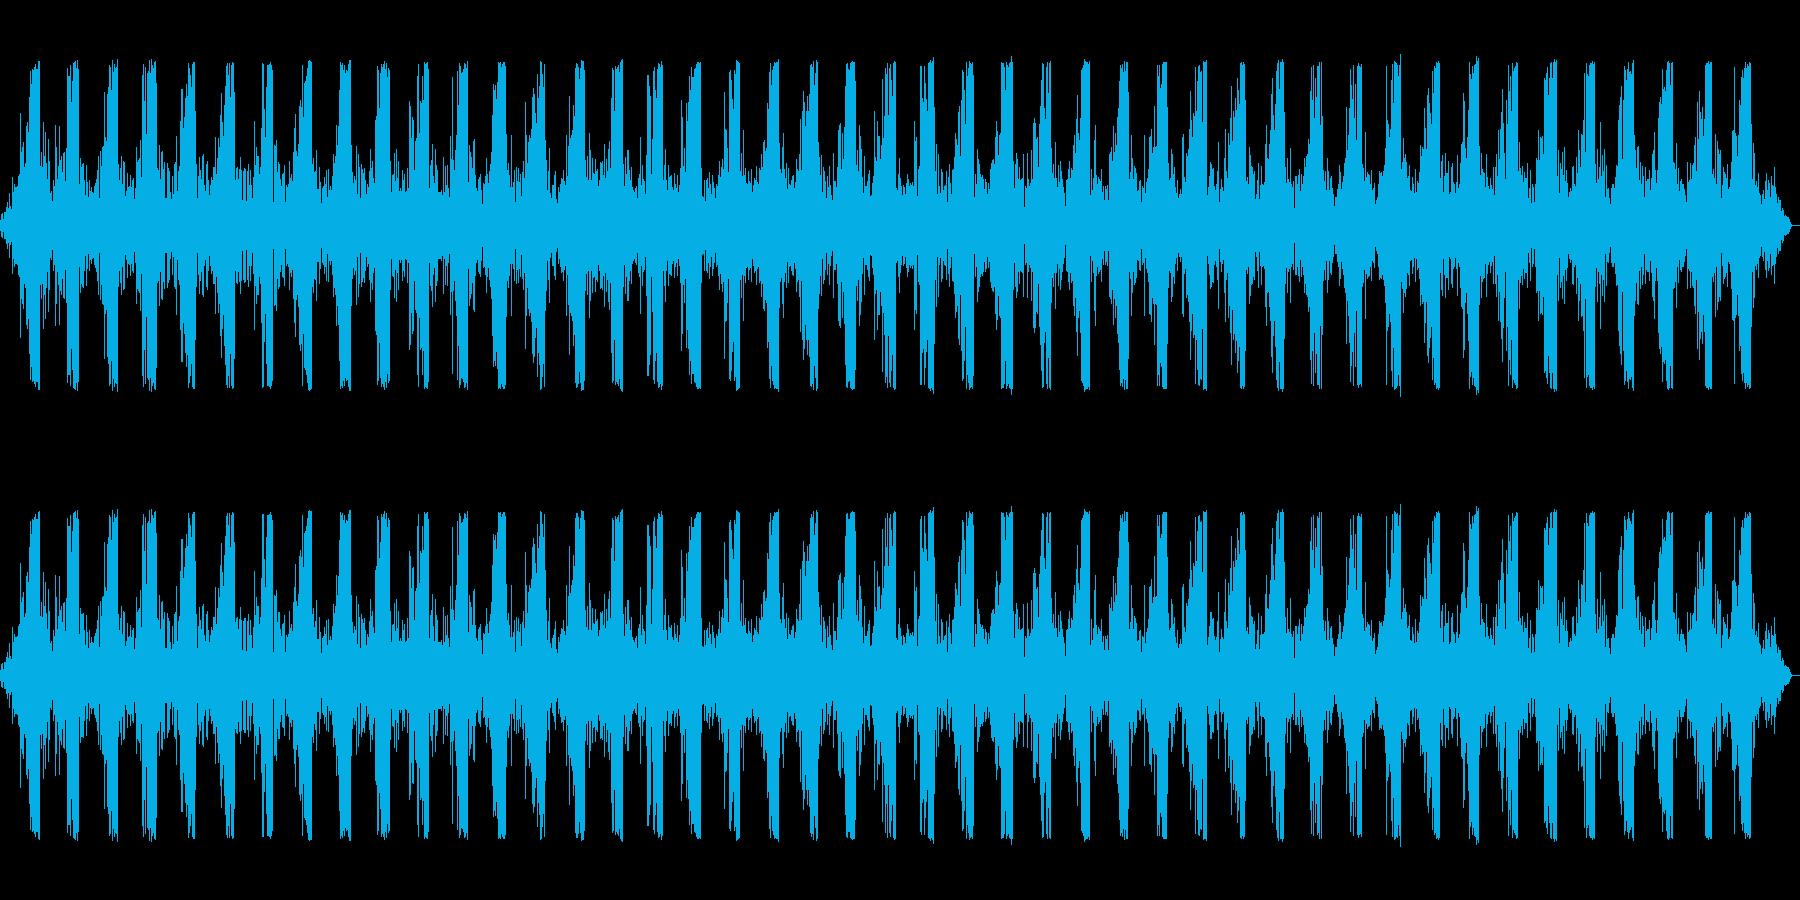 ヘリコプターの飛行音です。の再生済みの波形